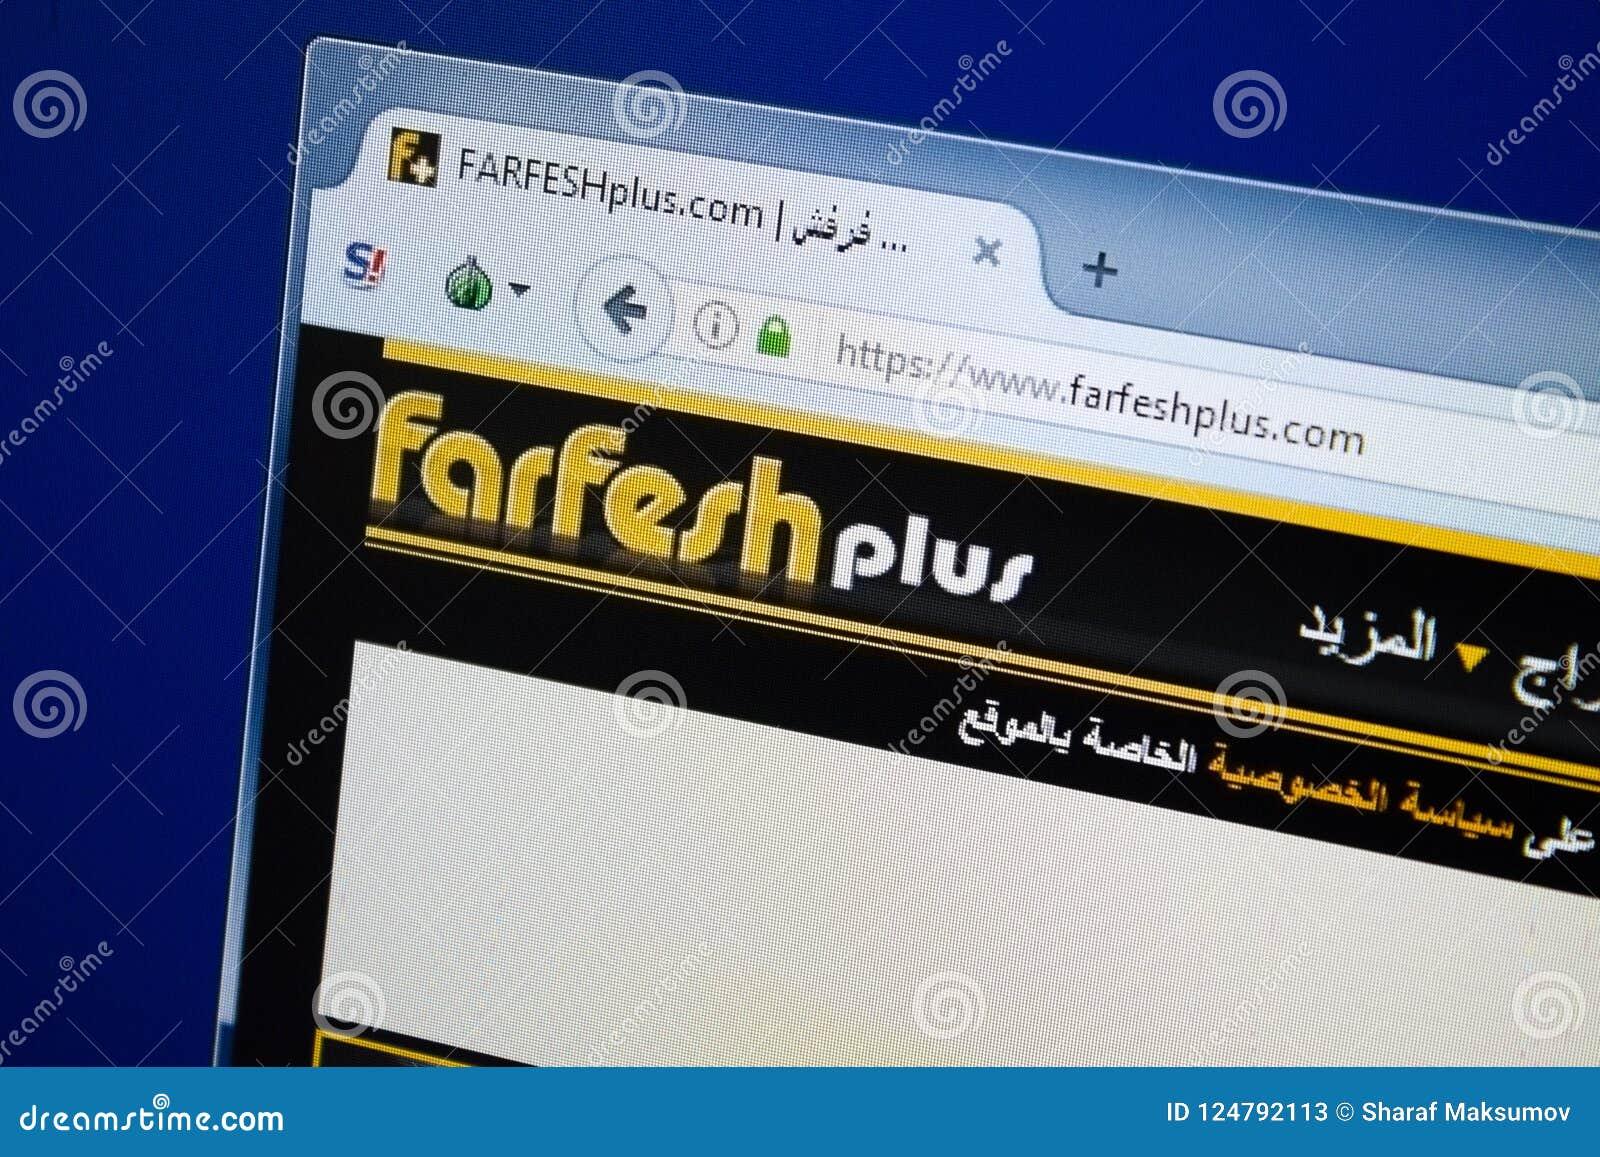 Farfeshplus